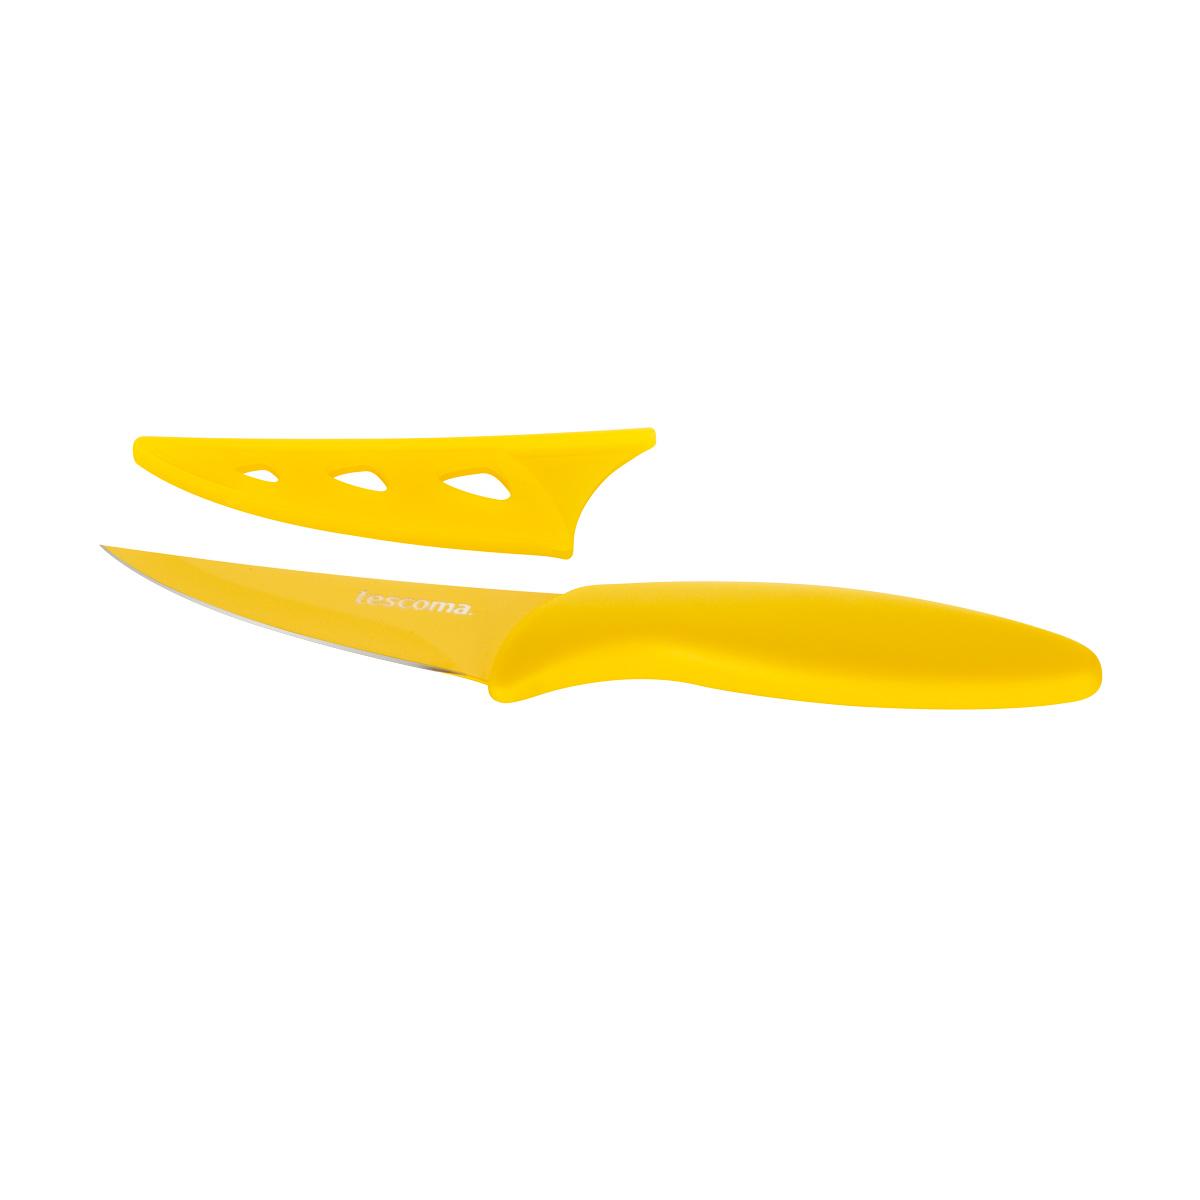 Antiadhezní nůž univerzální PRESTO TONE 8 cm